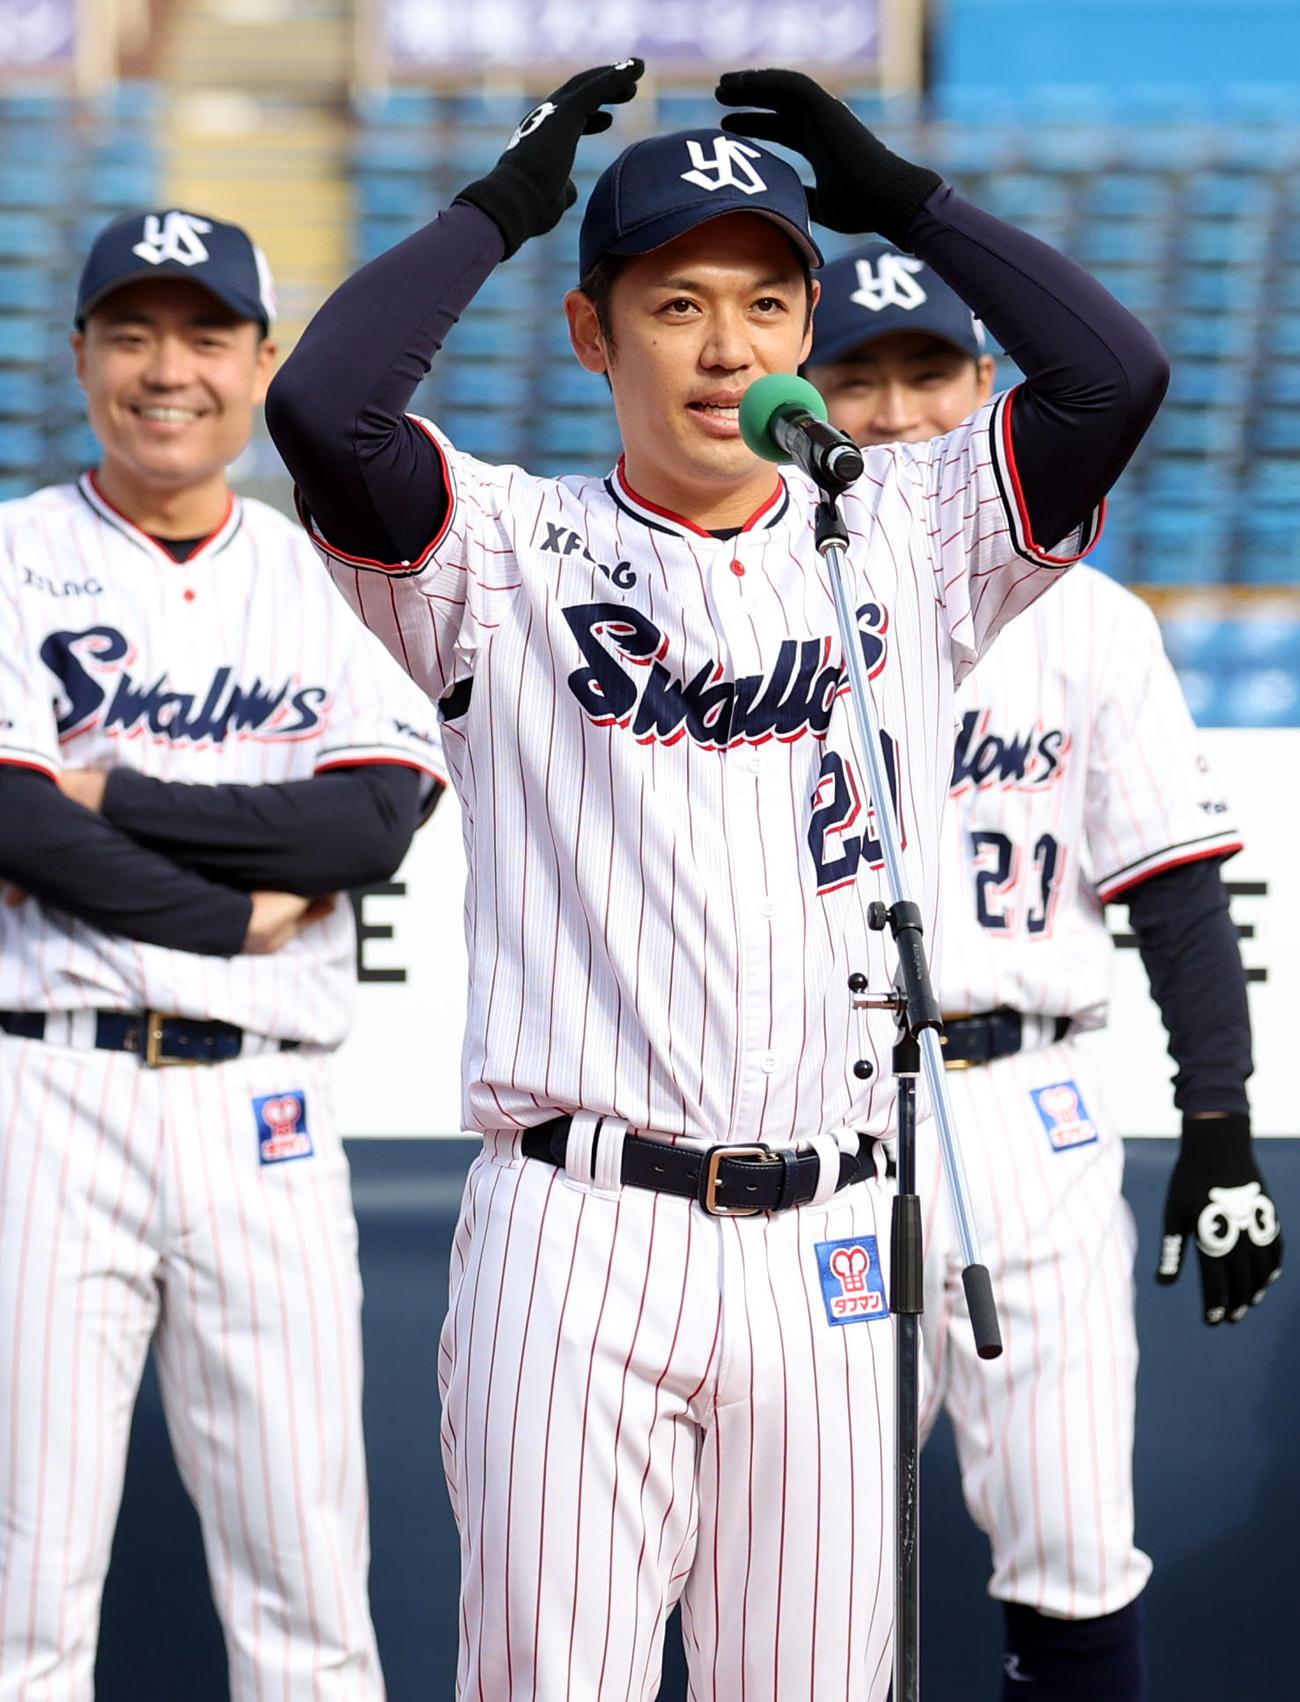 「お騒がせしています」とファンにあいさつする小川(2020年12月6日撮影)